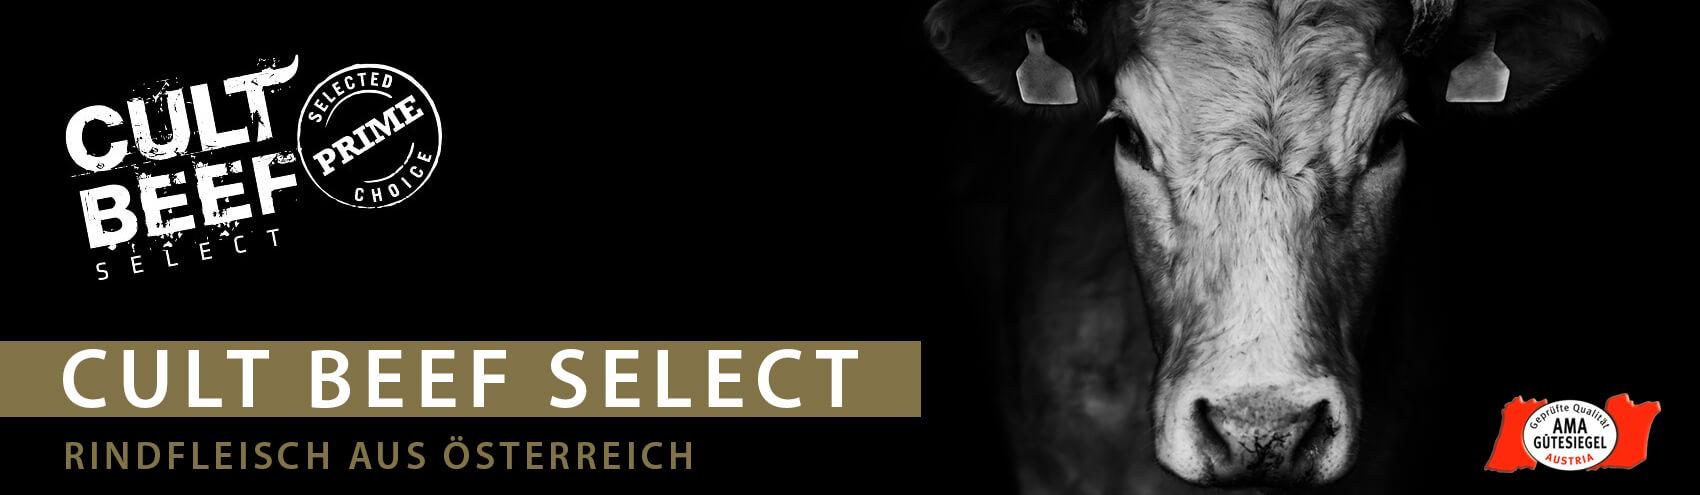 Cult Beef, Cultbeef, Cultbeef Fleisch kaufen, Cult Beef Fleisch kaufen, Rindfleisch aus Österreich